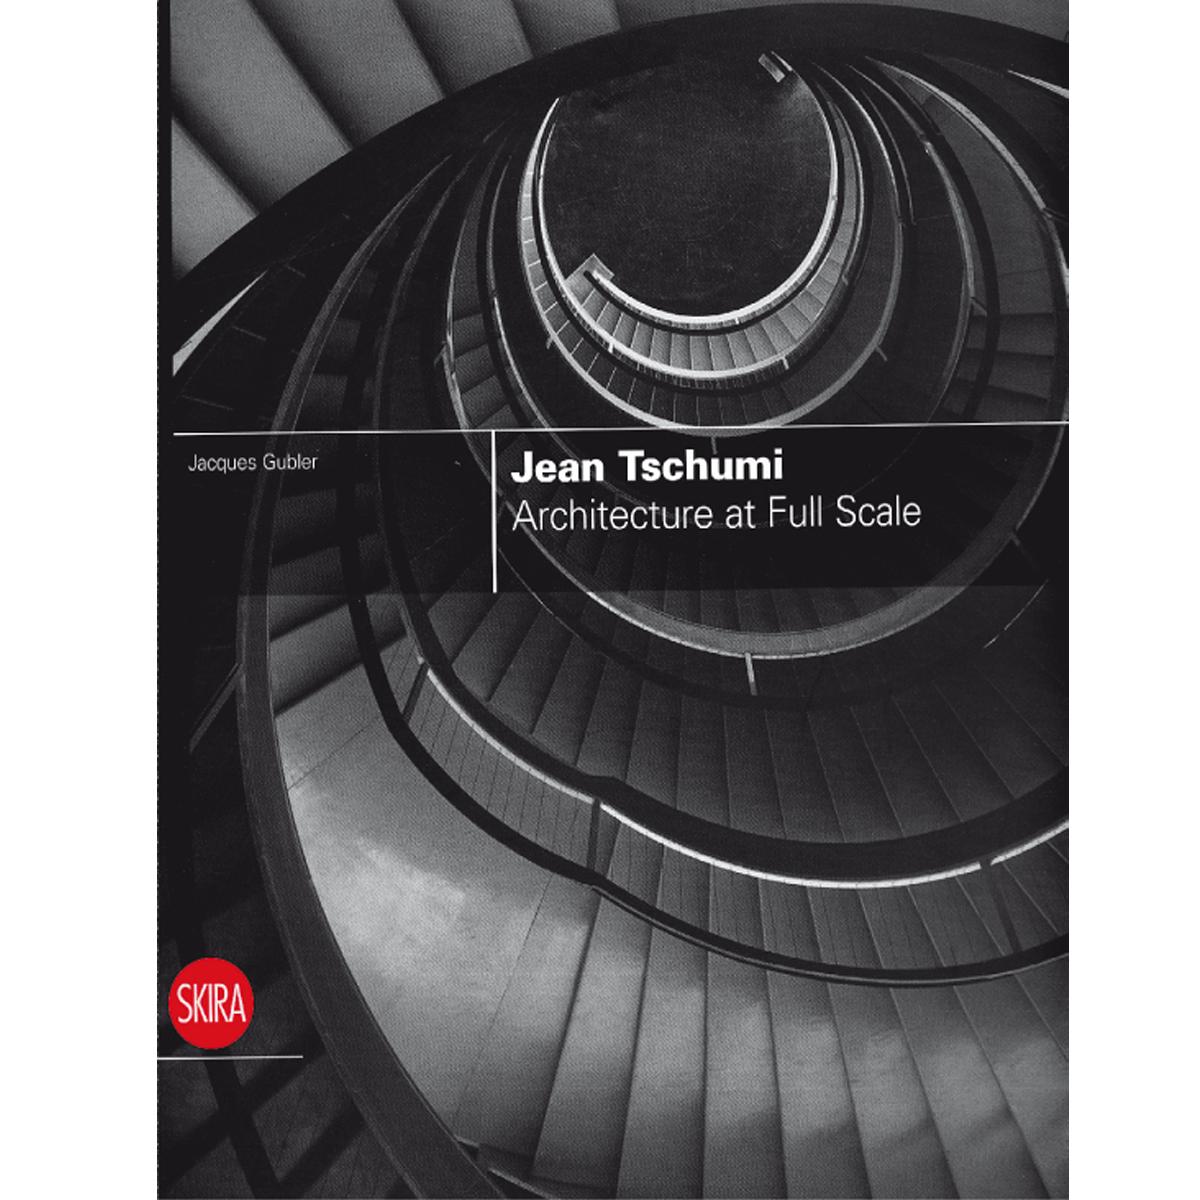 Jean Tschumi